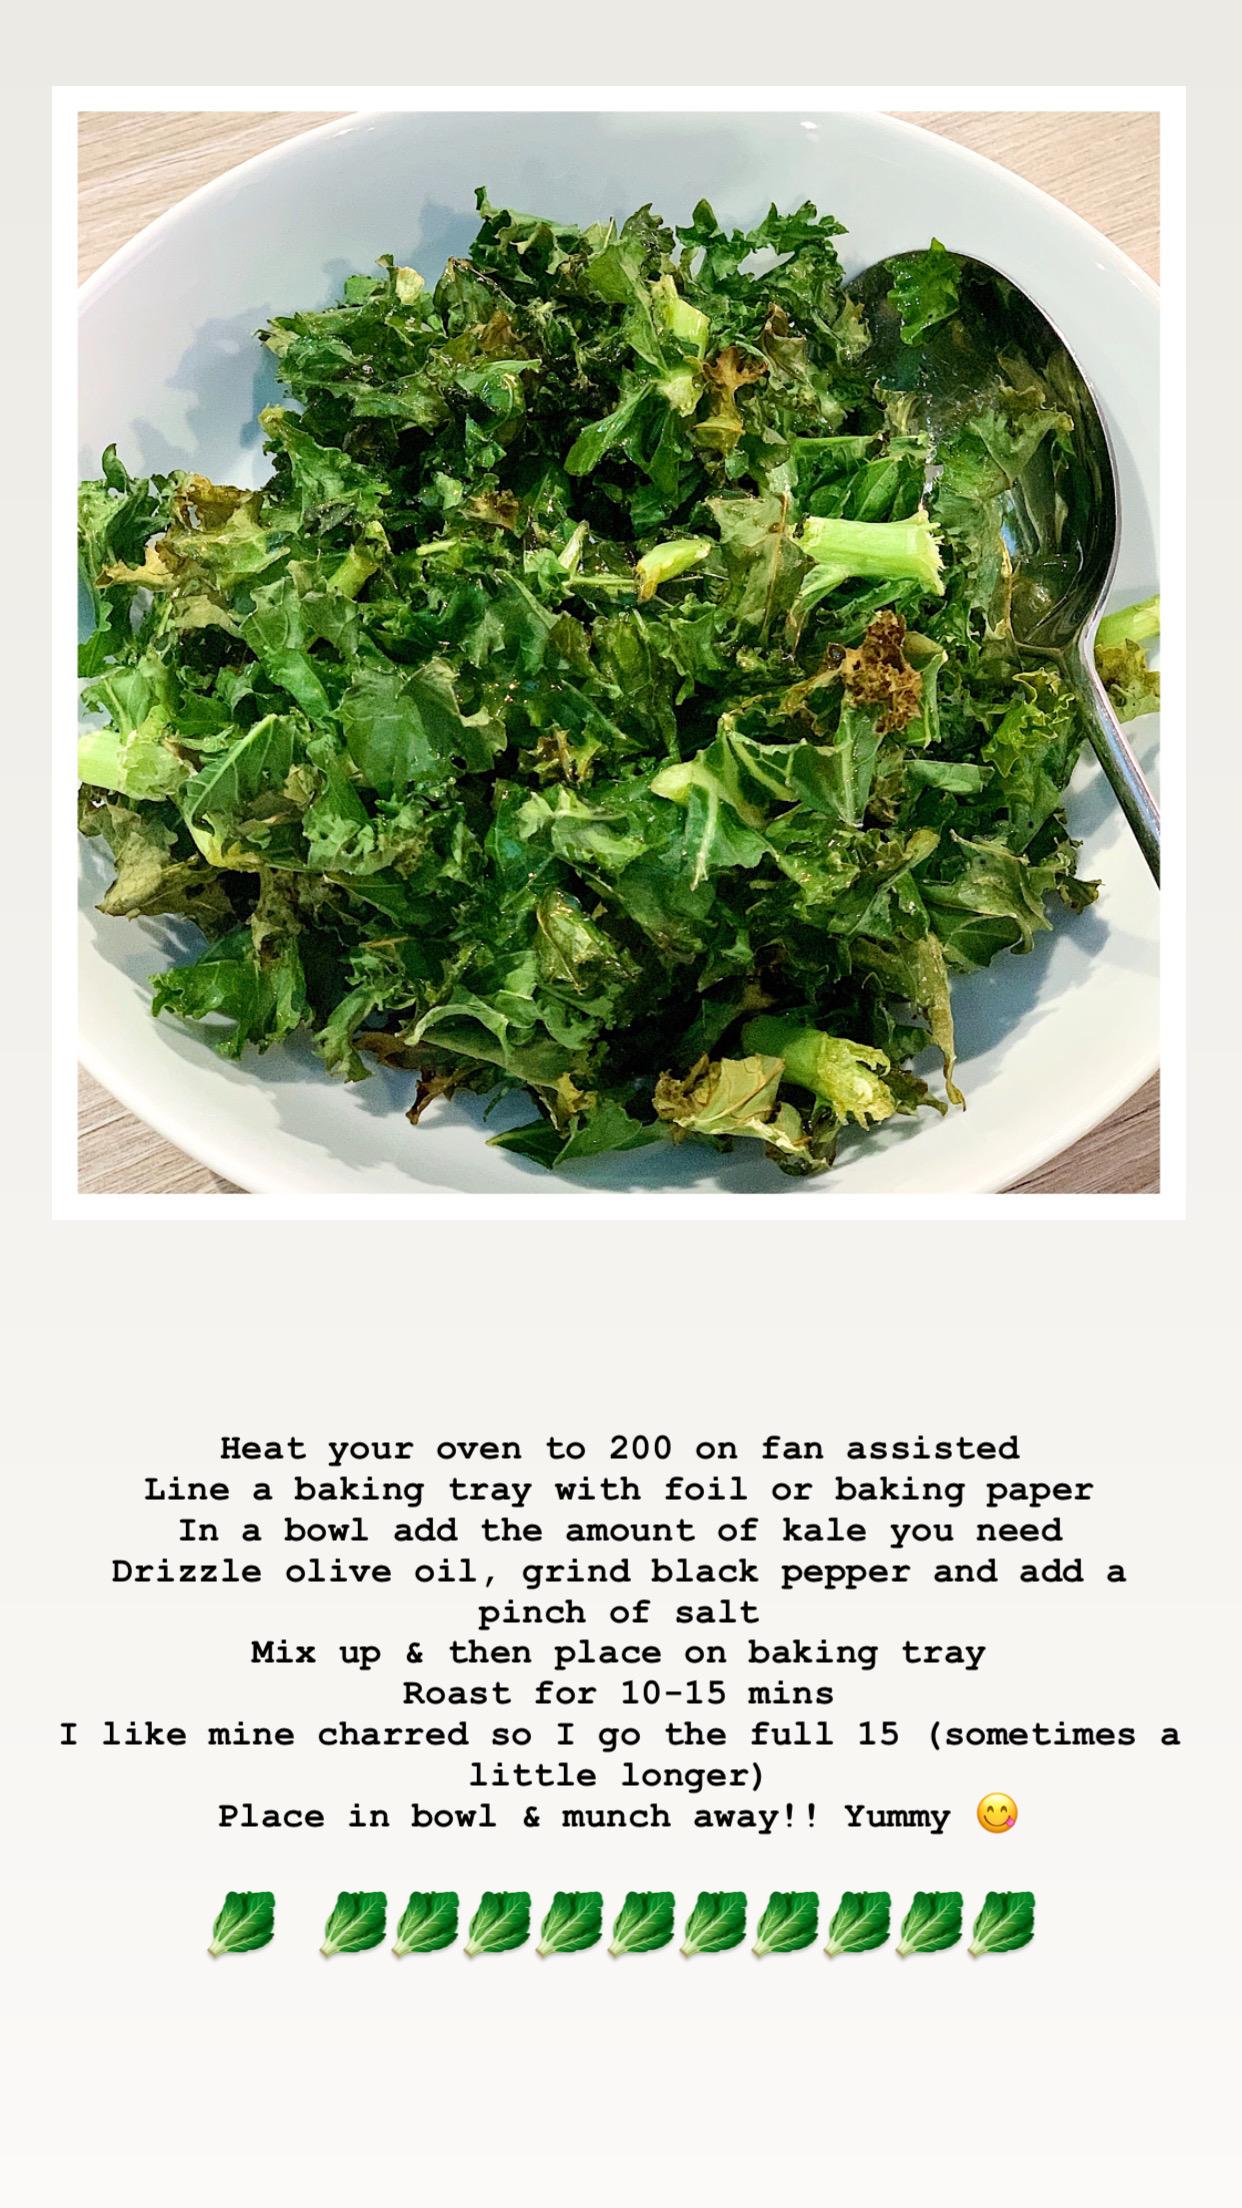 roasted kale instructions